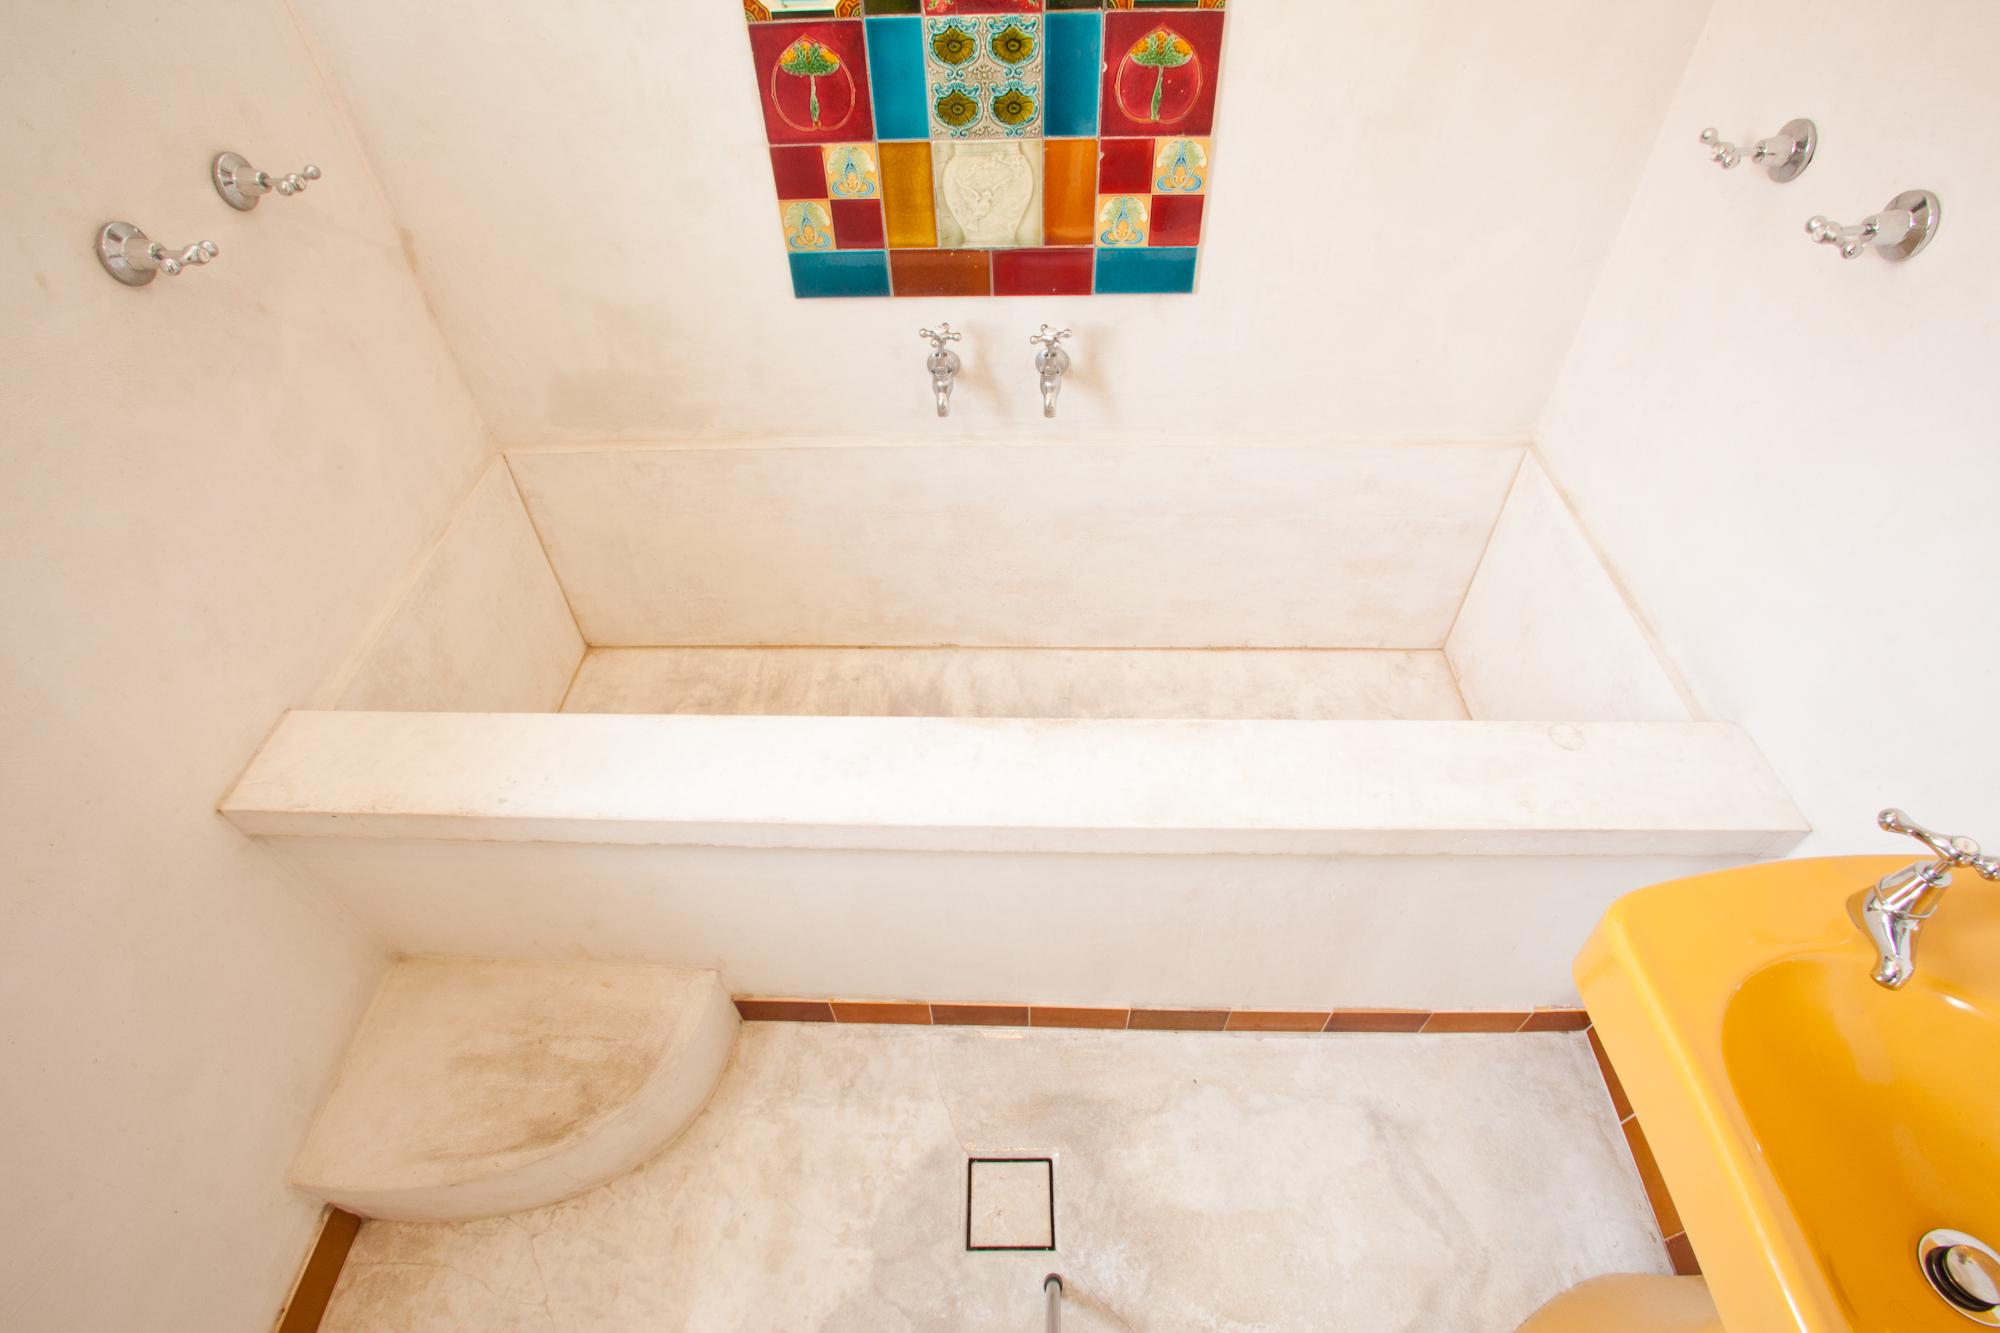 Concreate bath, concrete benchtop